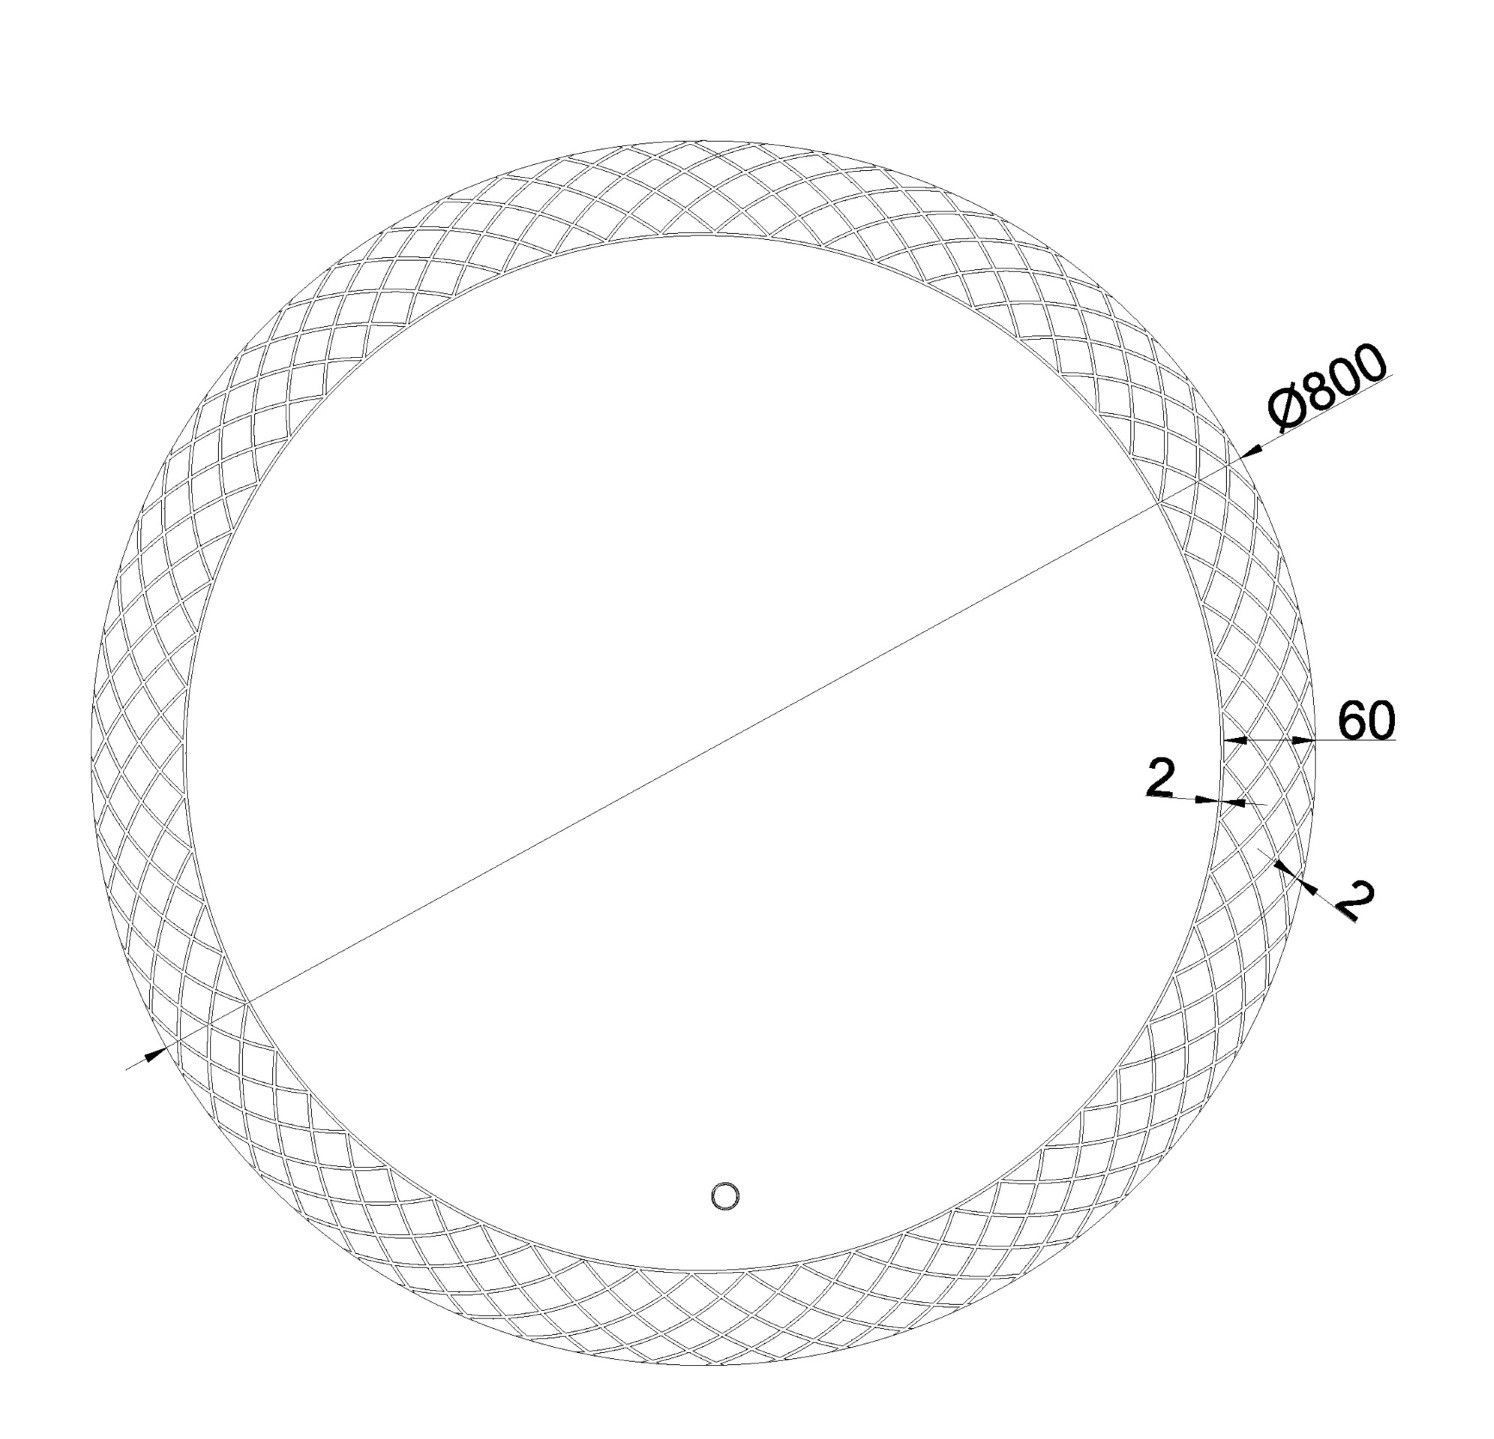 https://www.tegelensanitairmagazijn.nl/74080/badkamerspiegel-wiesbaden-deco-rond-met-led-verlichting-condensvrij-80-cm.jpg